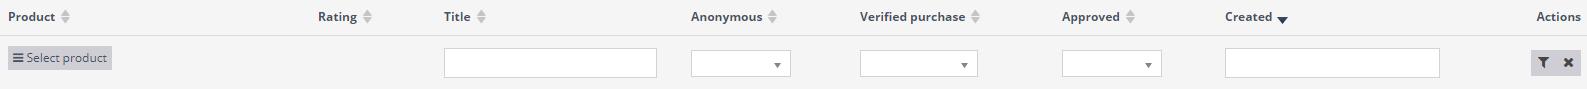 Reviews search bar